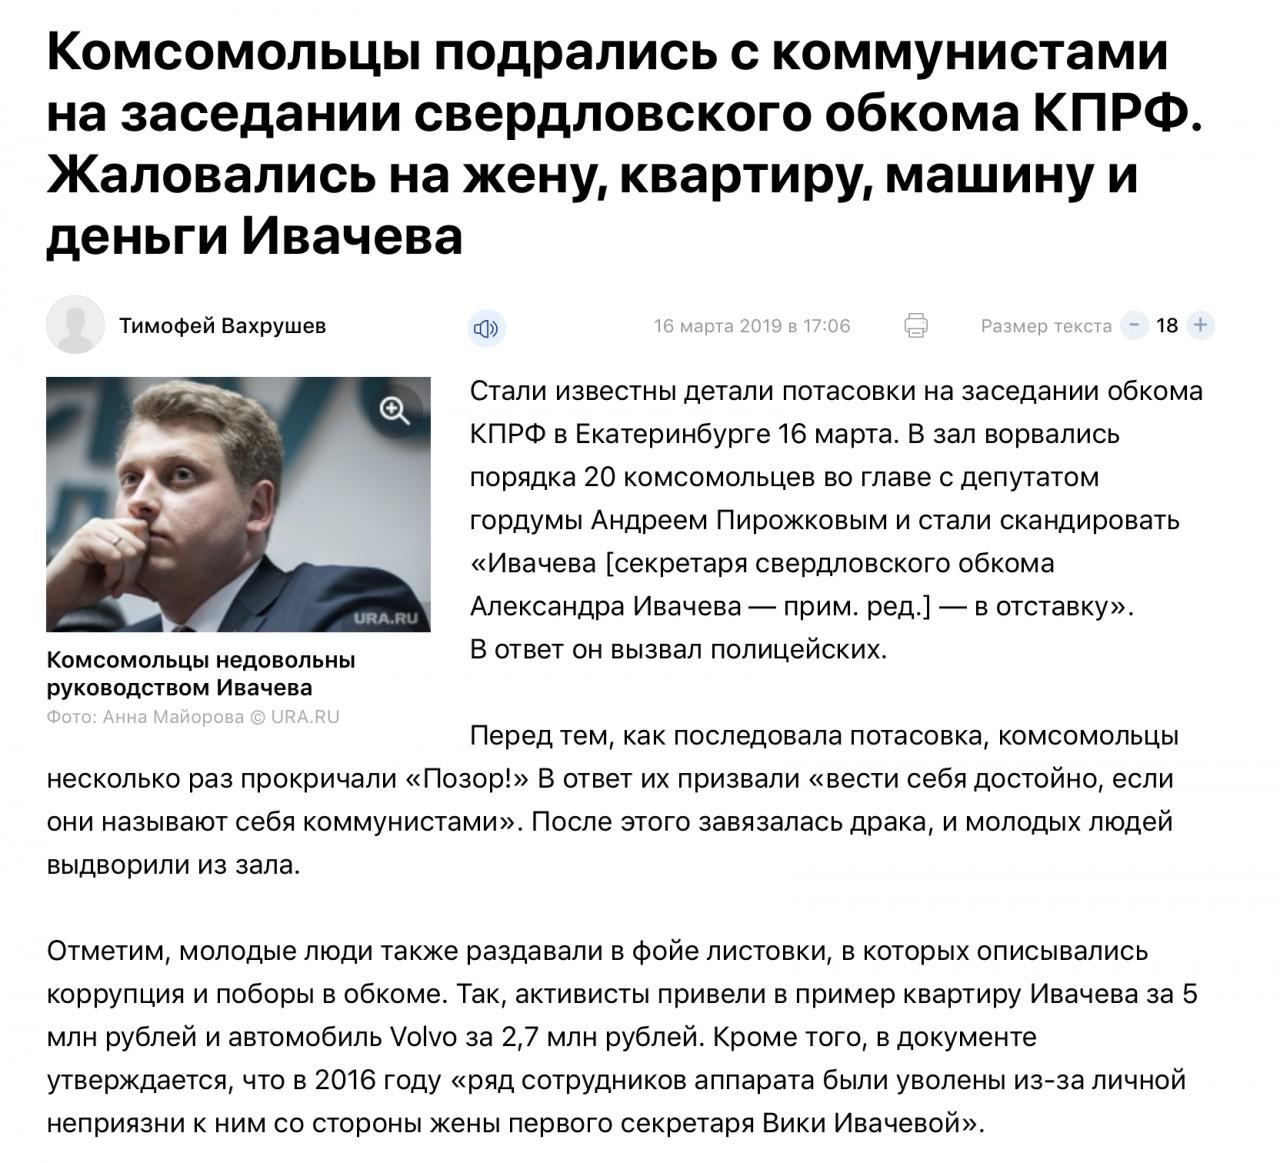 В Екатеринбурге комсомольцы подрались с коммунистами